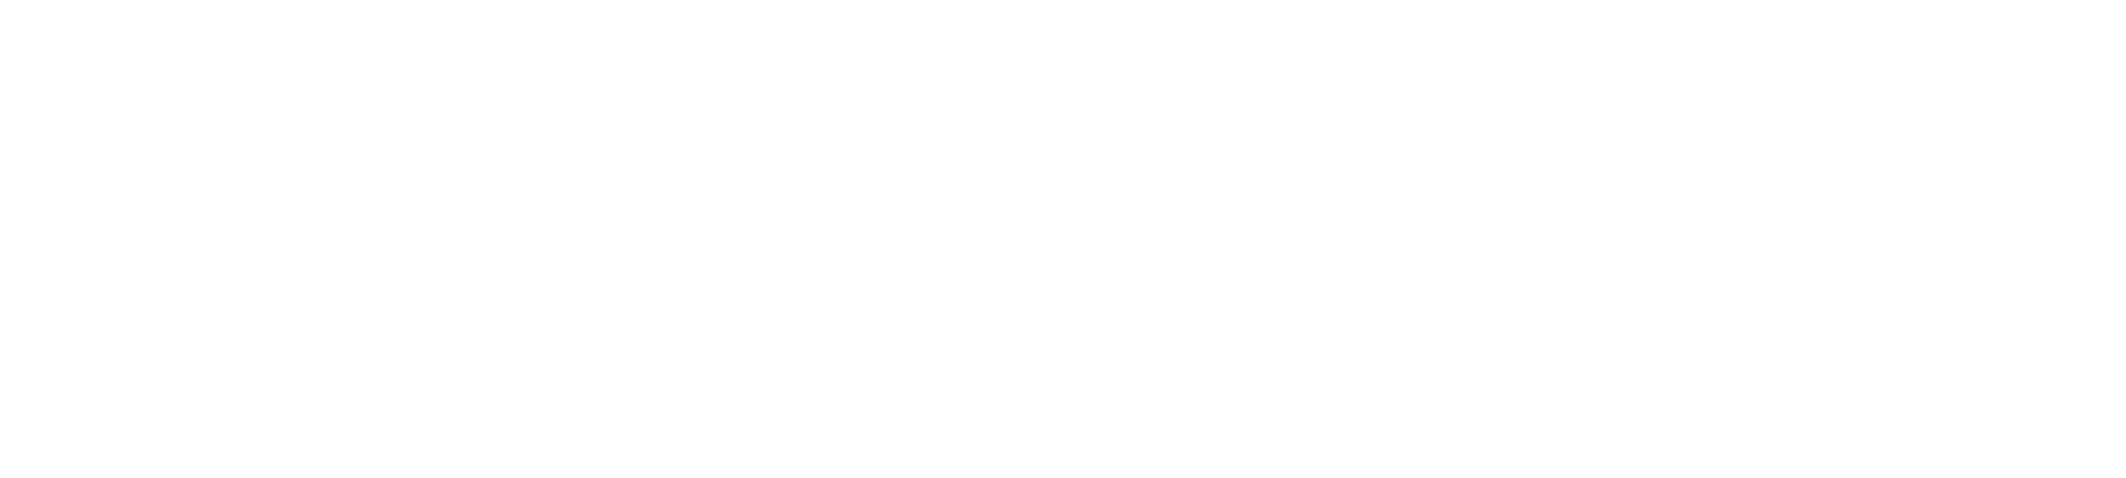 Omnify's logo in white color.